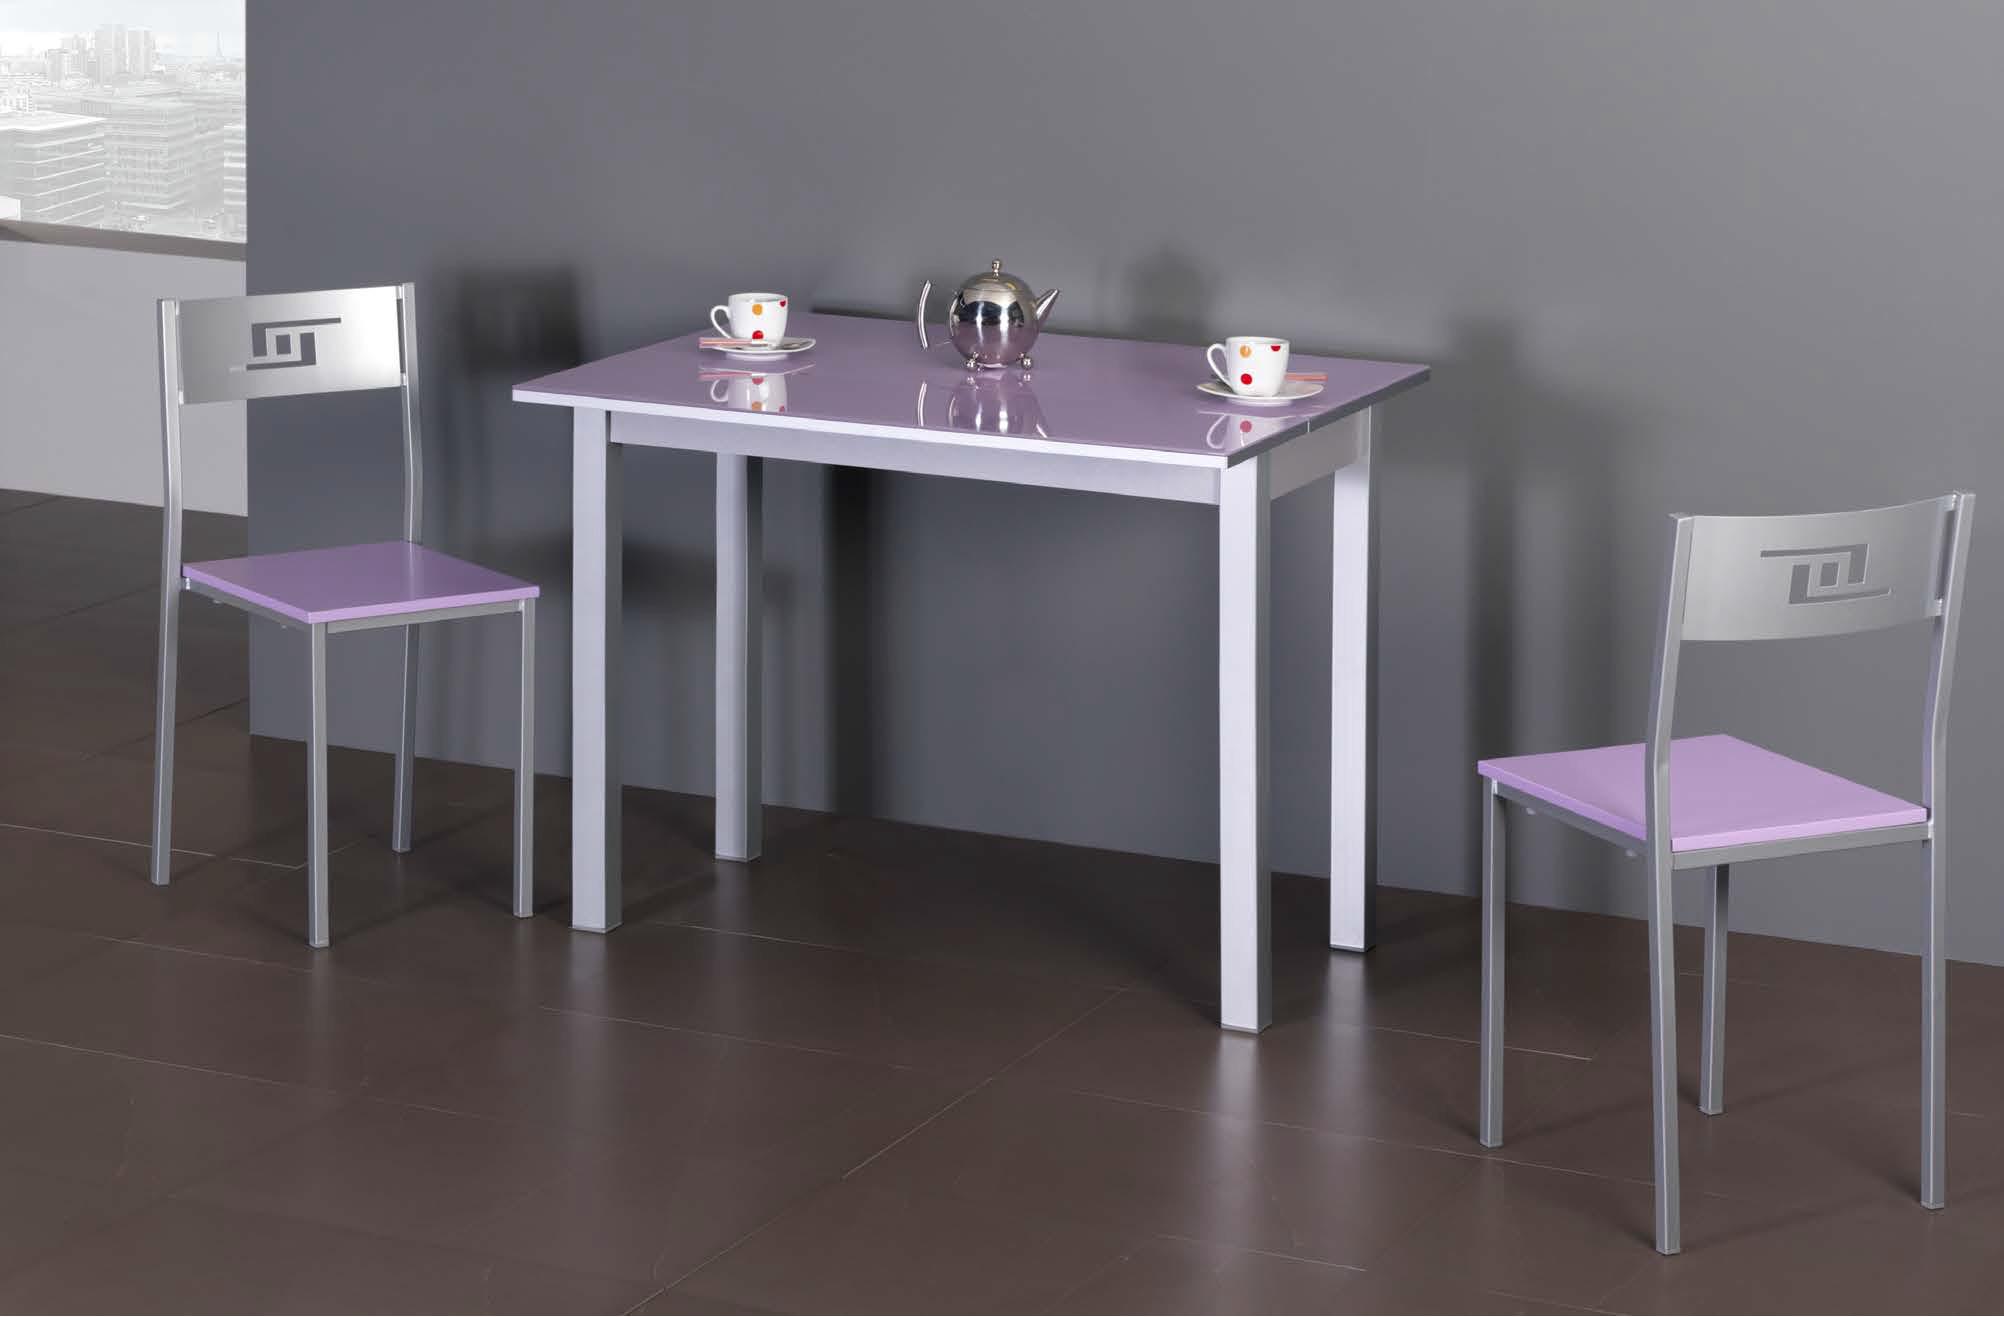 Espacios personalizados para tu hogar muebles paco caballero - Paco caballero ...